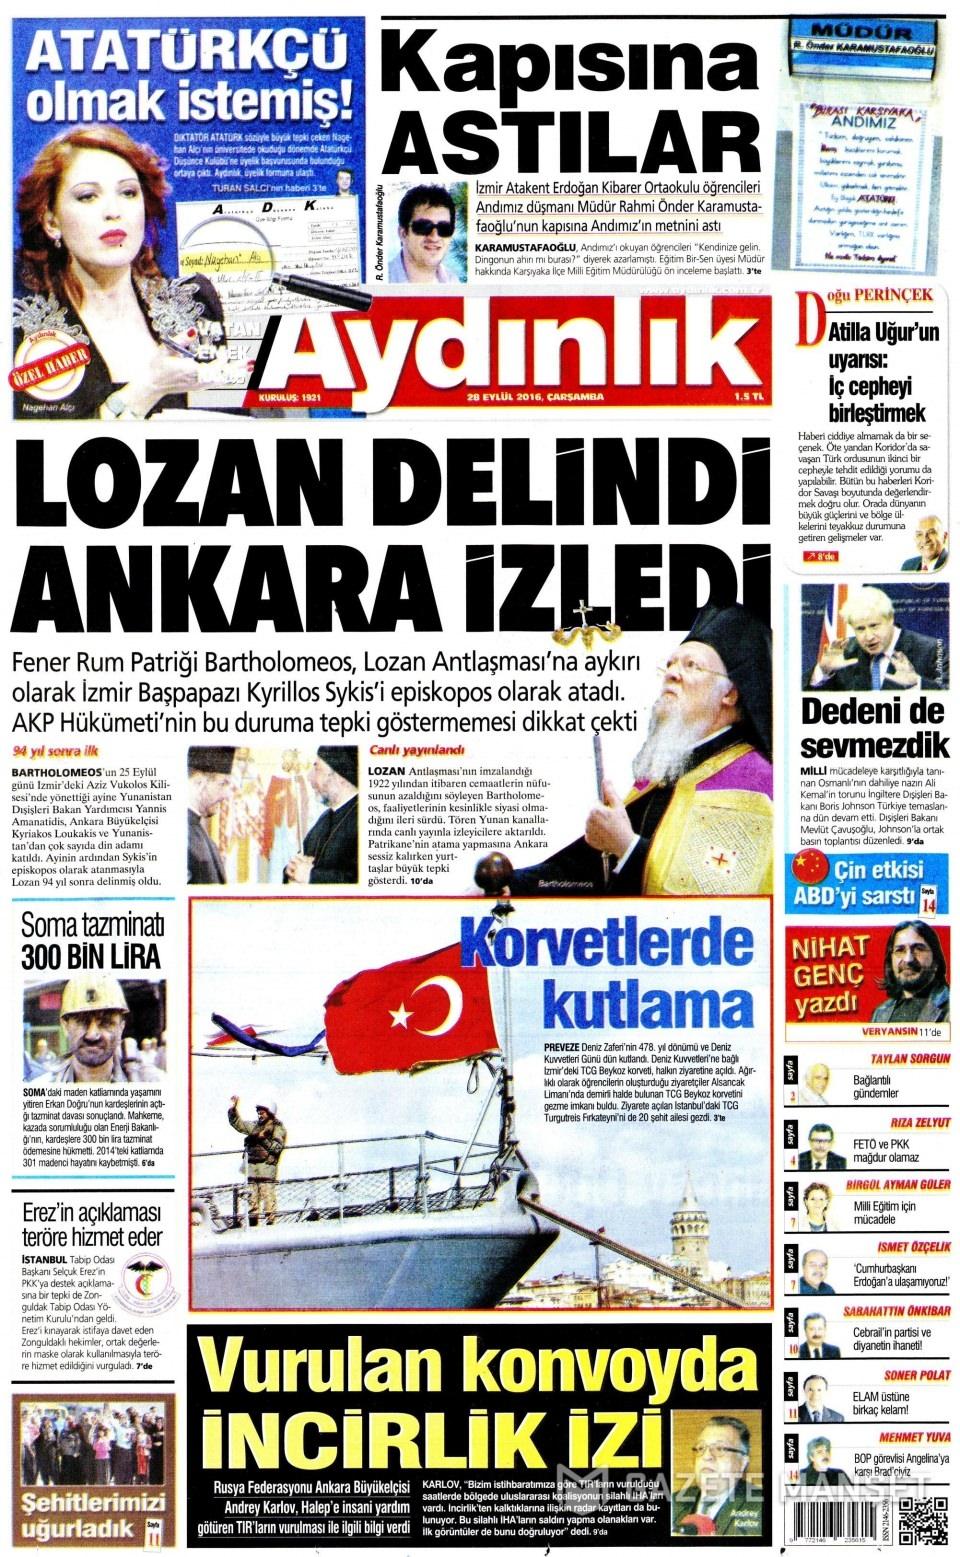 28 Eylül Çarşamba gazete manşetleri 17